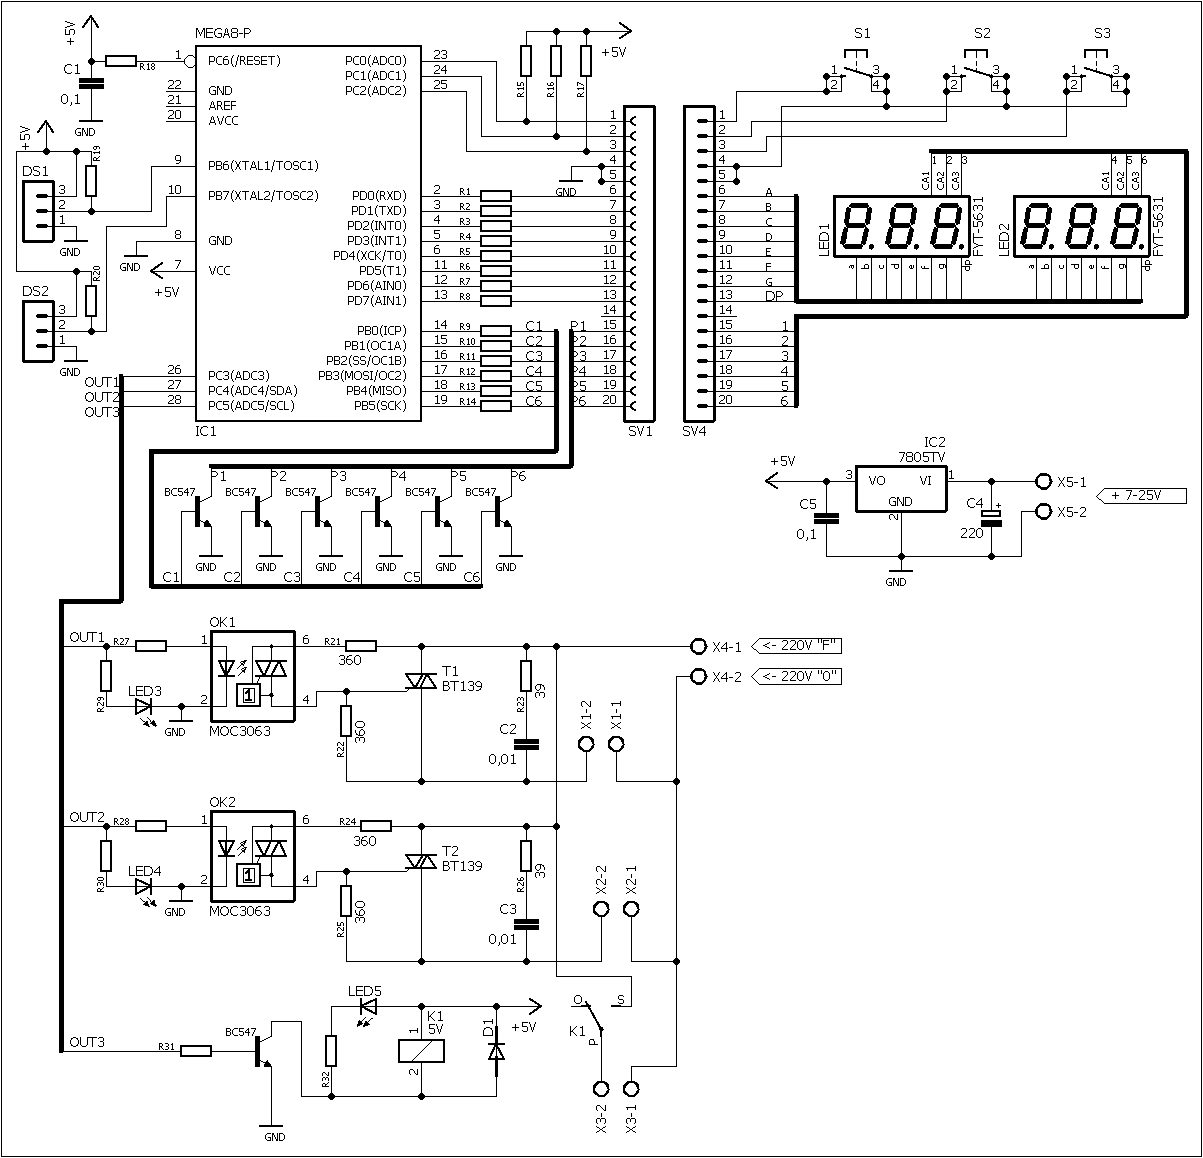 Схема трехканального термостата, терморегулятора, таймера на ATmega8